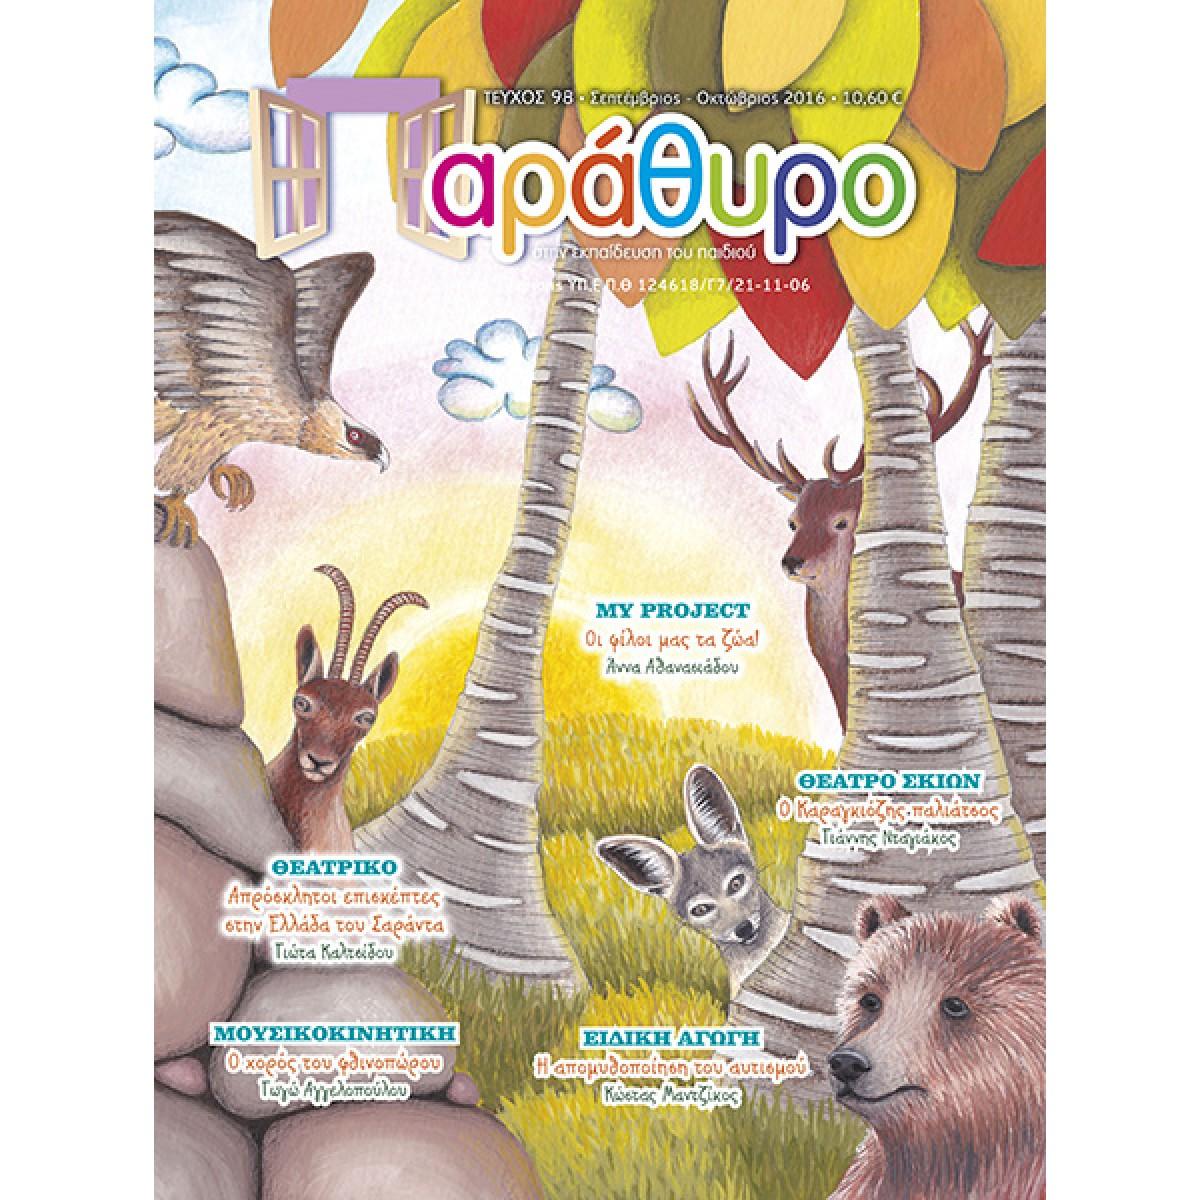 ΠΑΡΑΘΥΡΟ ΤΕΥΧΟΣ 98 Περιοδικό Παράθυρο